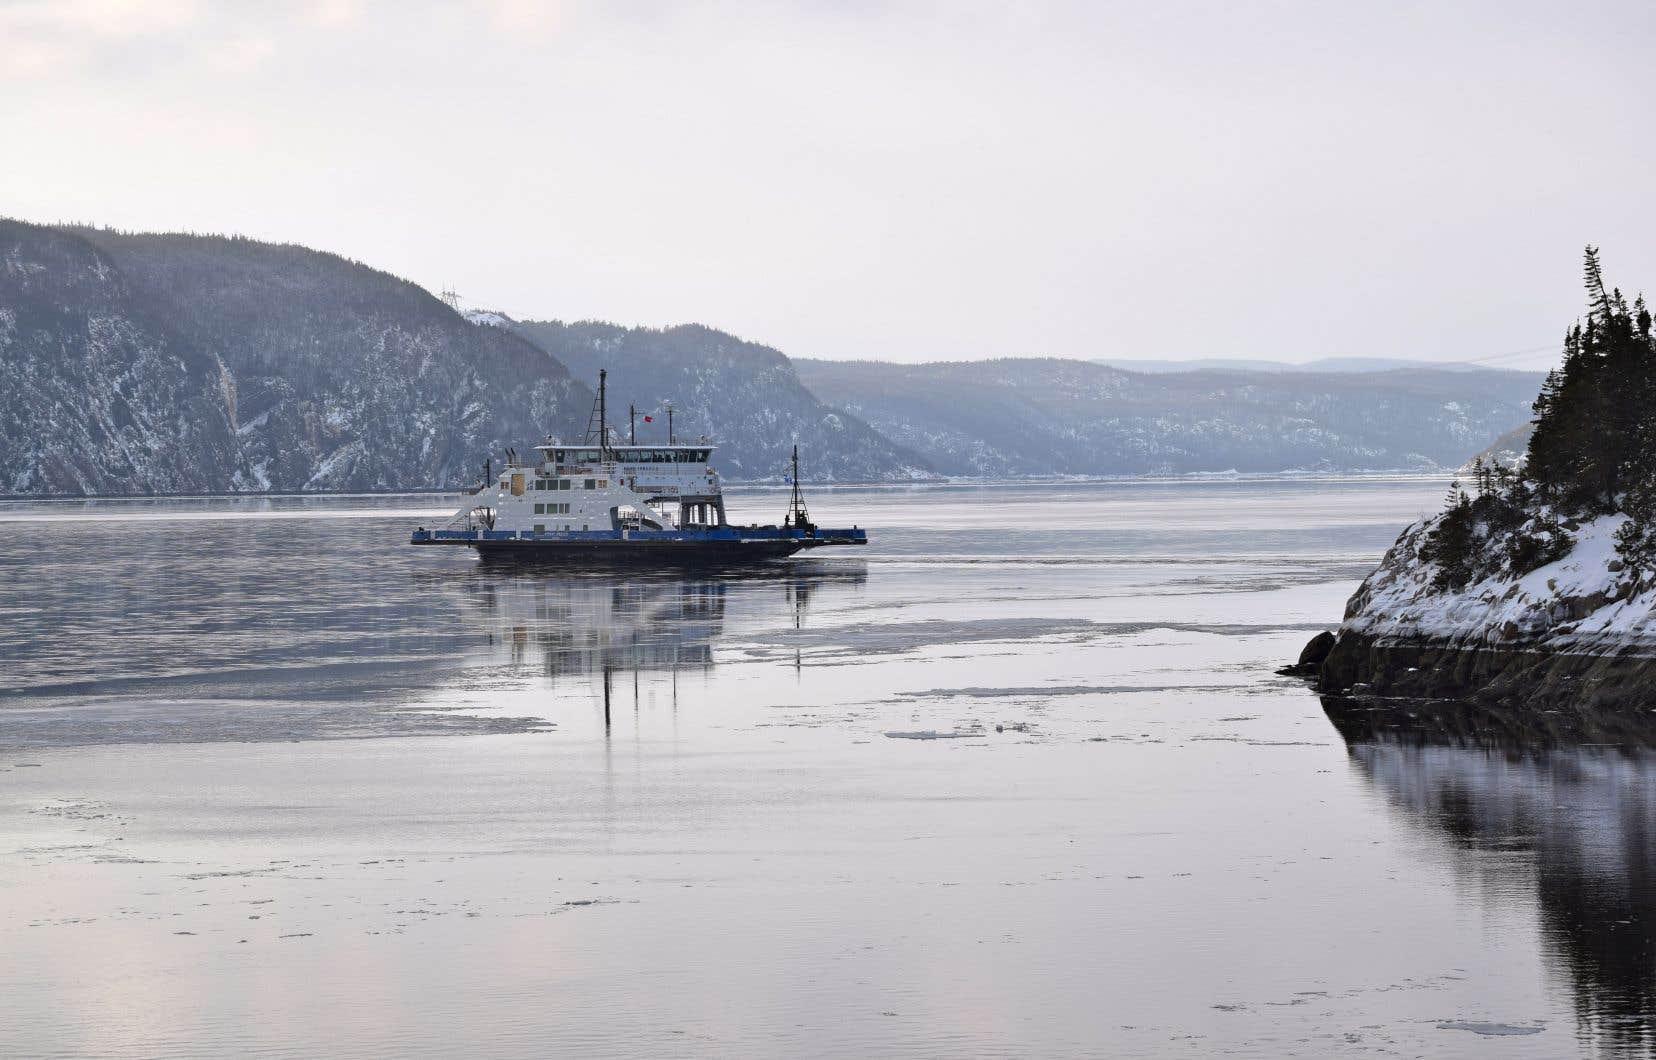 Les auteurs de la lettreredoutent en outre des «impacts sur le patrimoine naturel exceptionnel dont jouit le Saguenay–Lac-Saint-Jean», et notamment sur la «biodiversité», dont le béluga du Saint-Laurent.